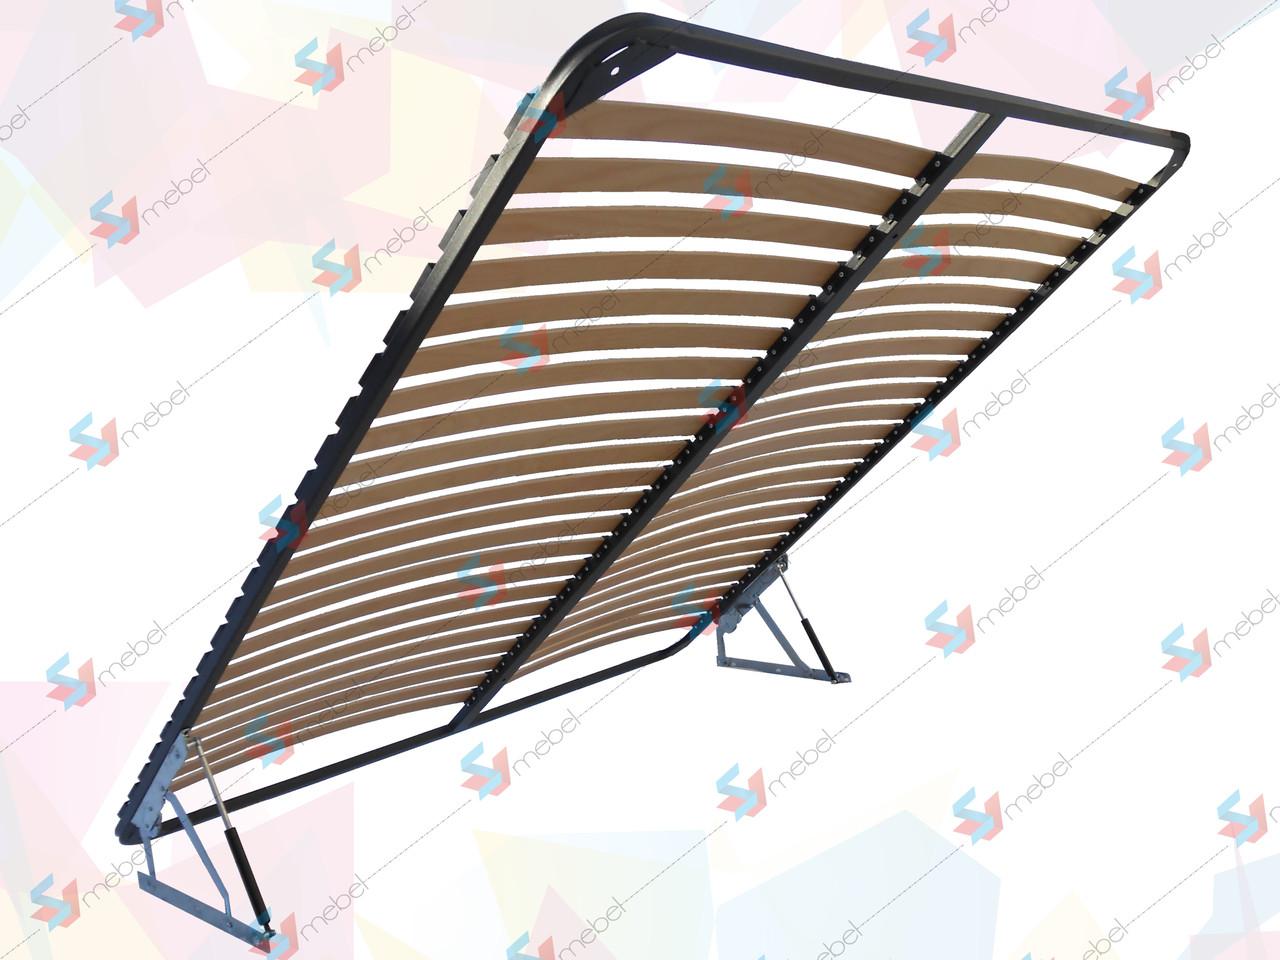 Каркас кровати ортопедический двухспальный с подъемным механизмом(с фиксатором) 1900х1800 мм - SVmebel в Мелитополе